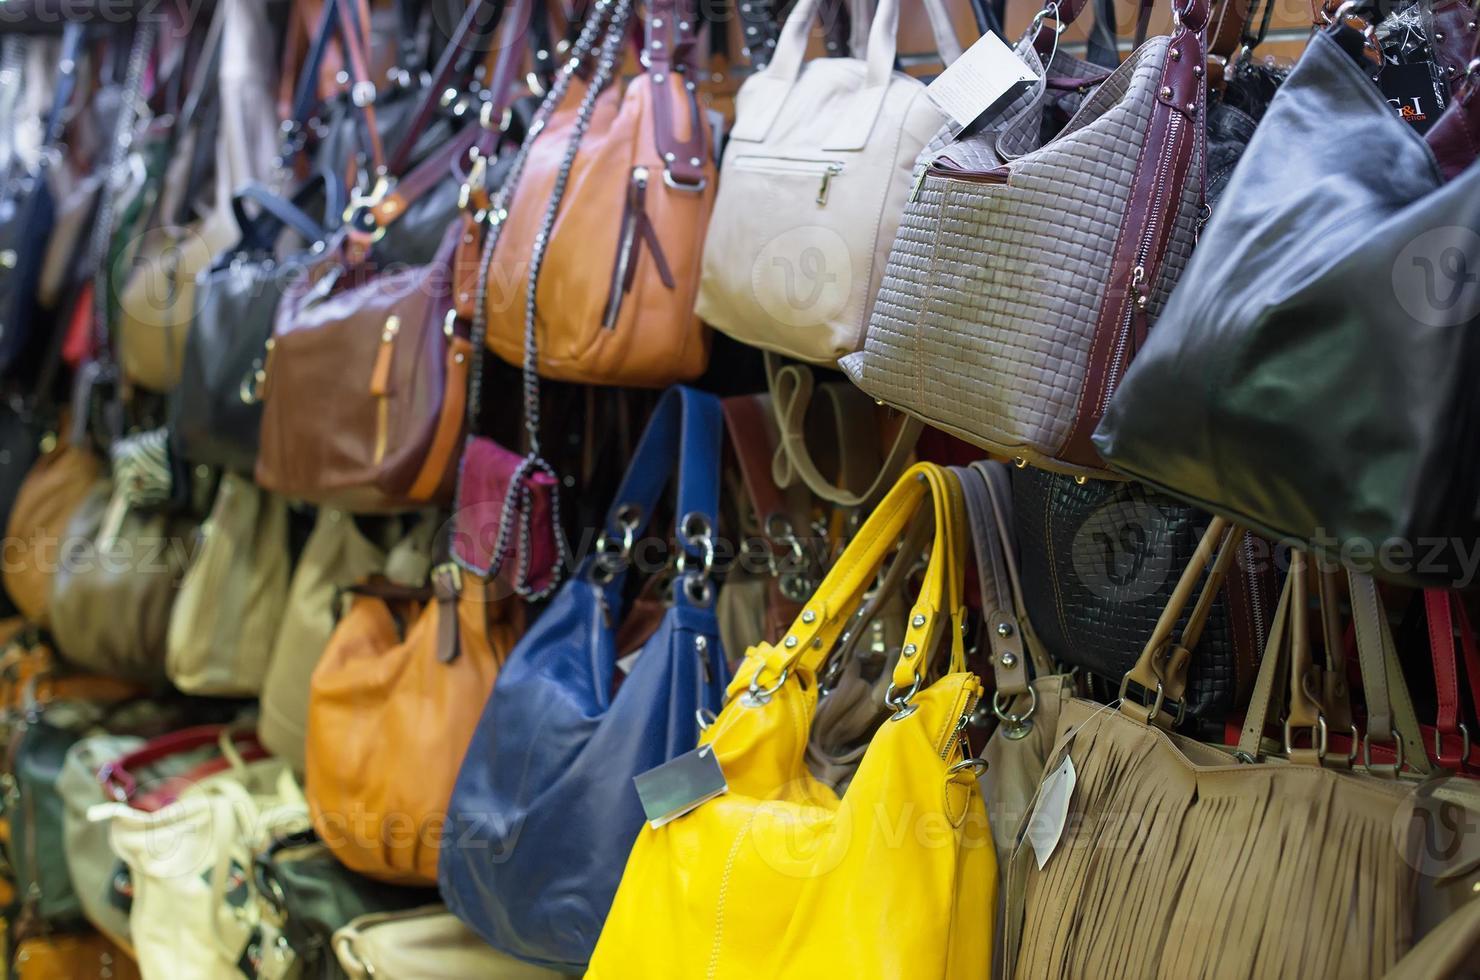 Lederhandtaschen Kollektion im Laden. foto